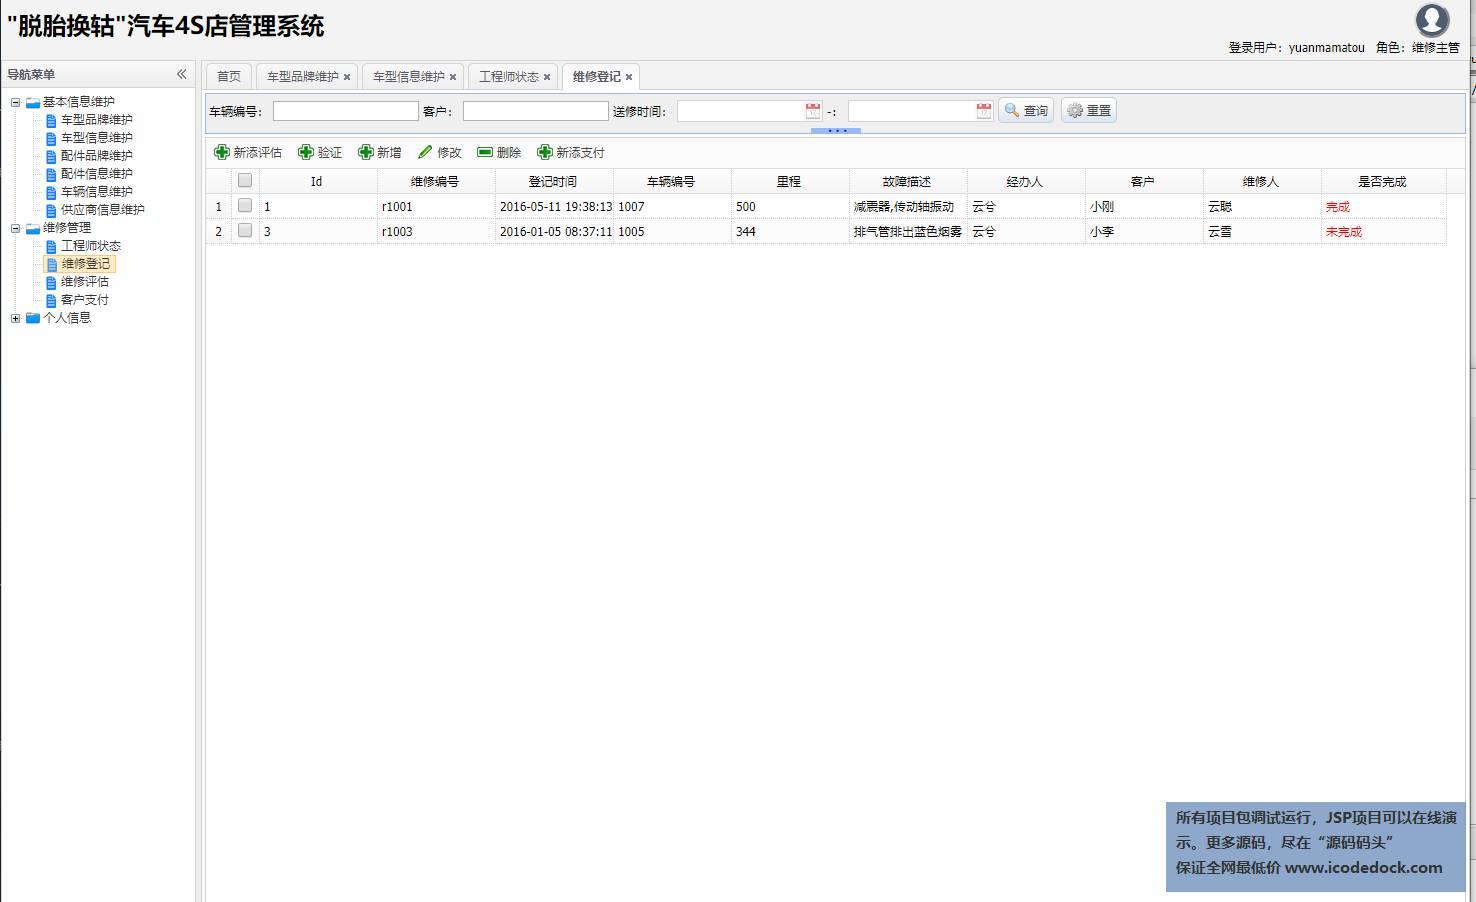 源码码头-SSH汽车4S店管理系统-维修主管角色-维修登记